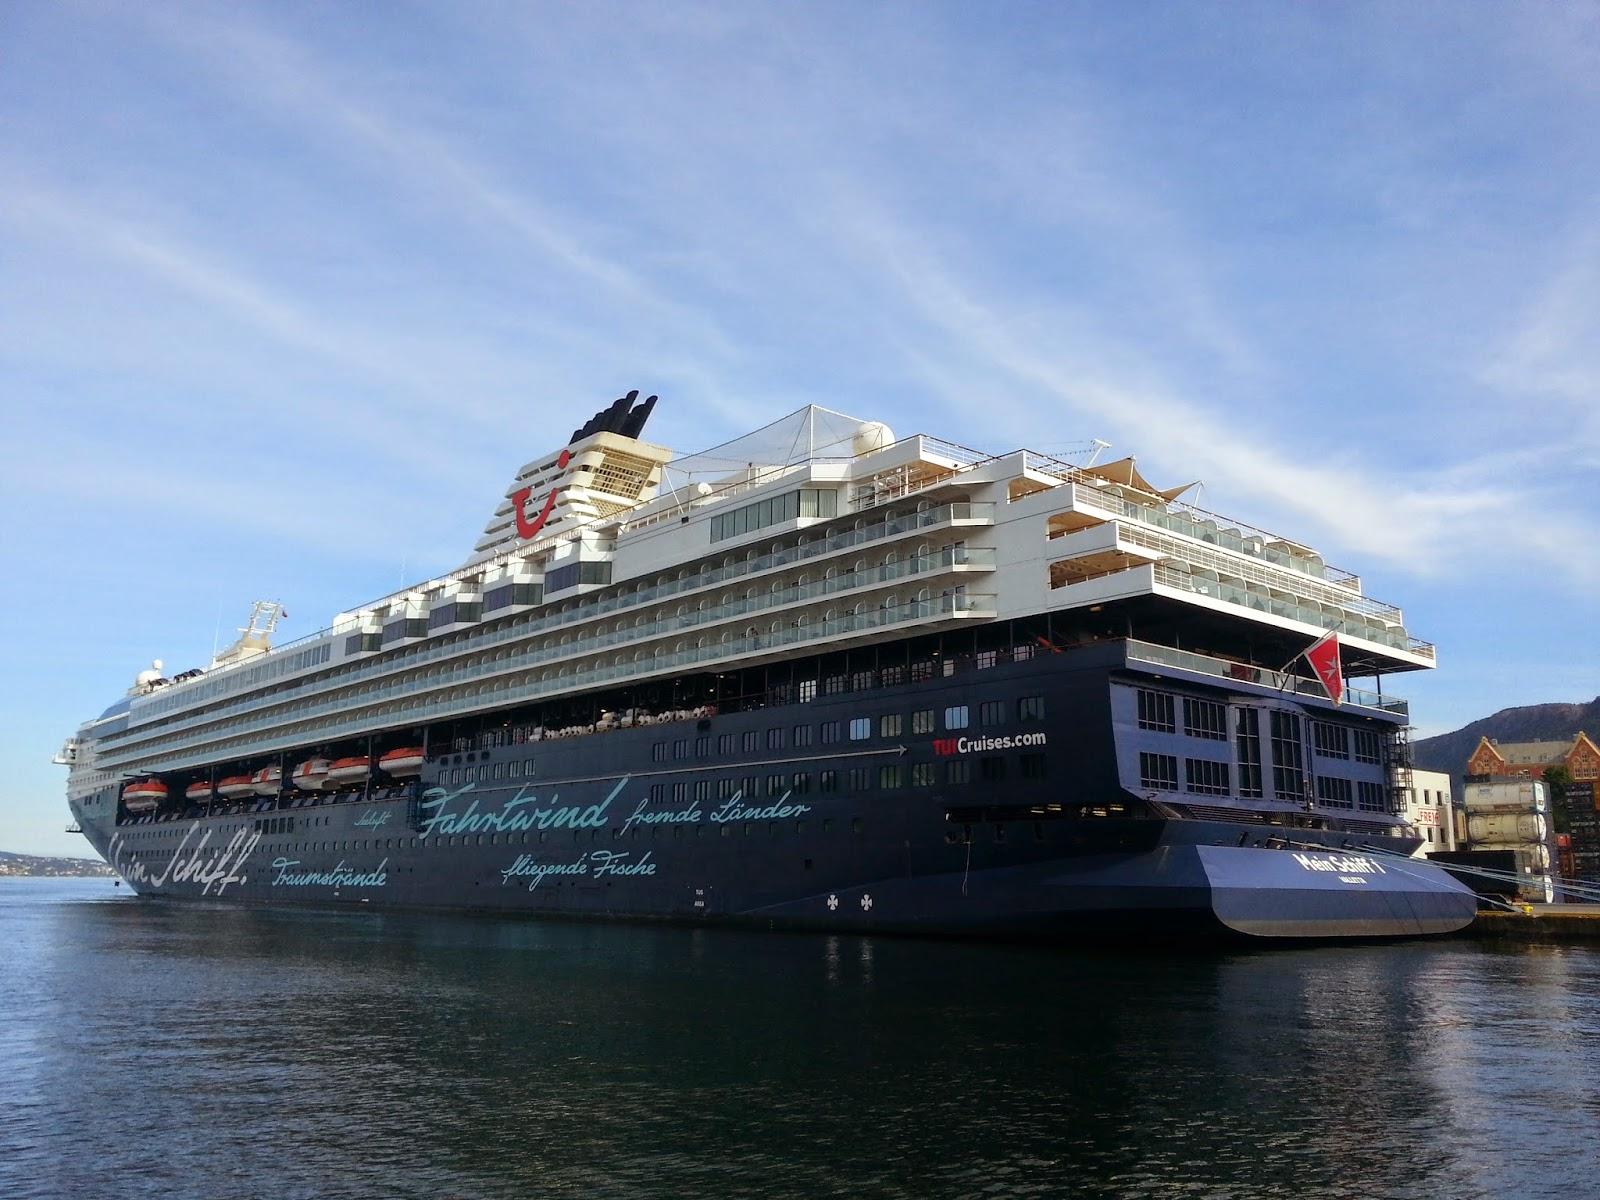 Cruise Ship Mein Schiff 1 in Bergen